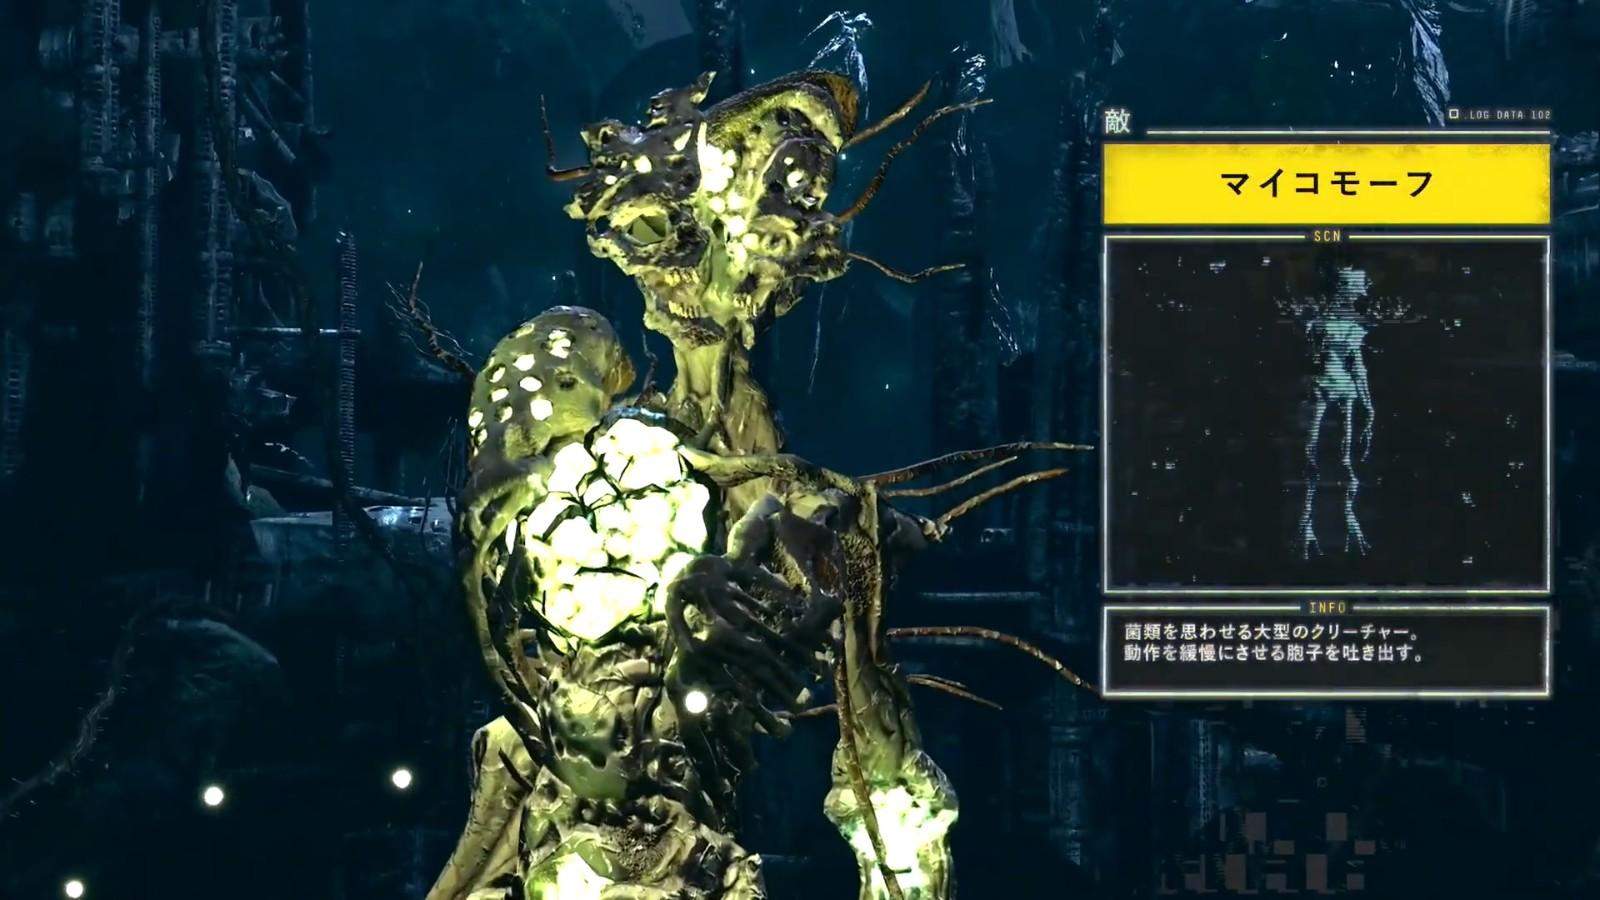 PS5独占《Returnal》敌人介绍预告 手持武器杀戮各路鬼怪